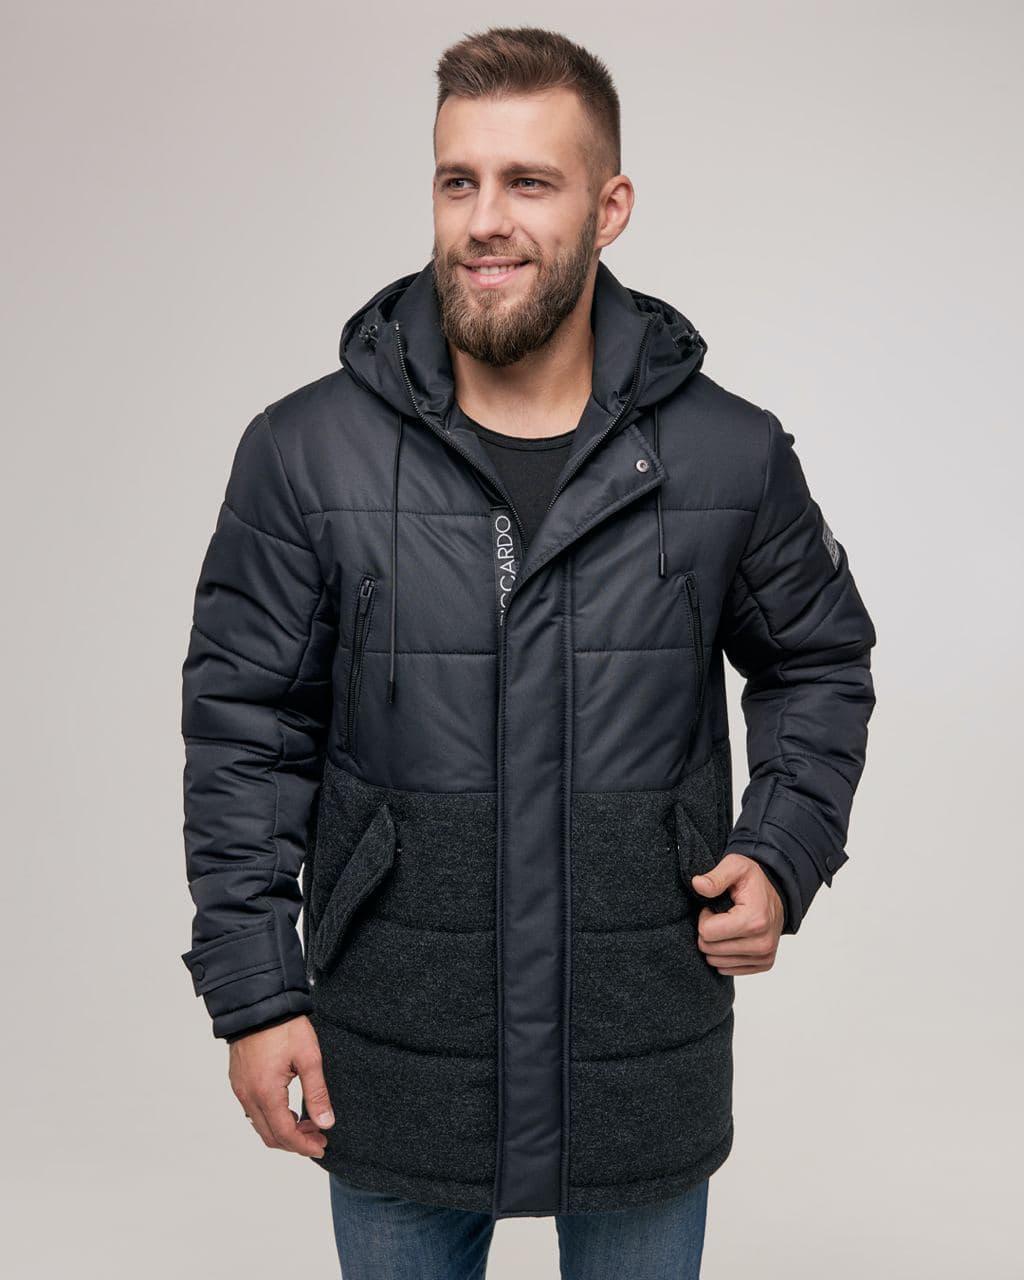 Чоловіча зимова куртка ZD-02 чорна